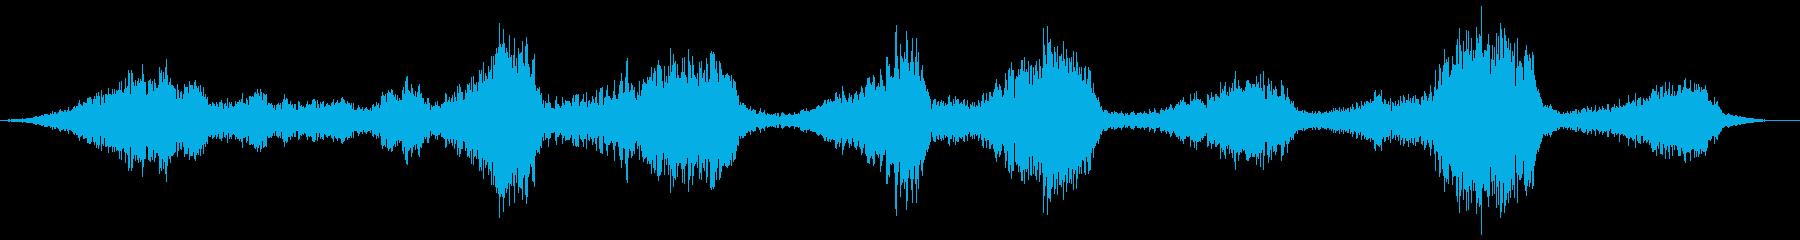 バックワードトーキング、チャイルド...の再生済みの波形